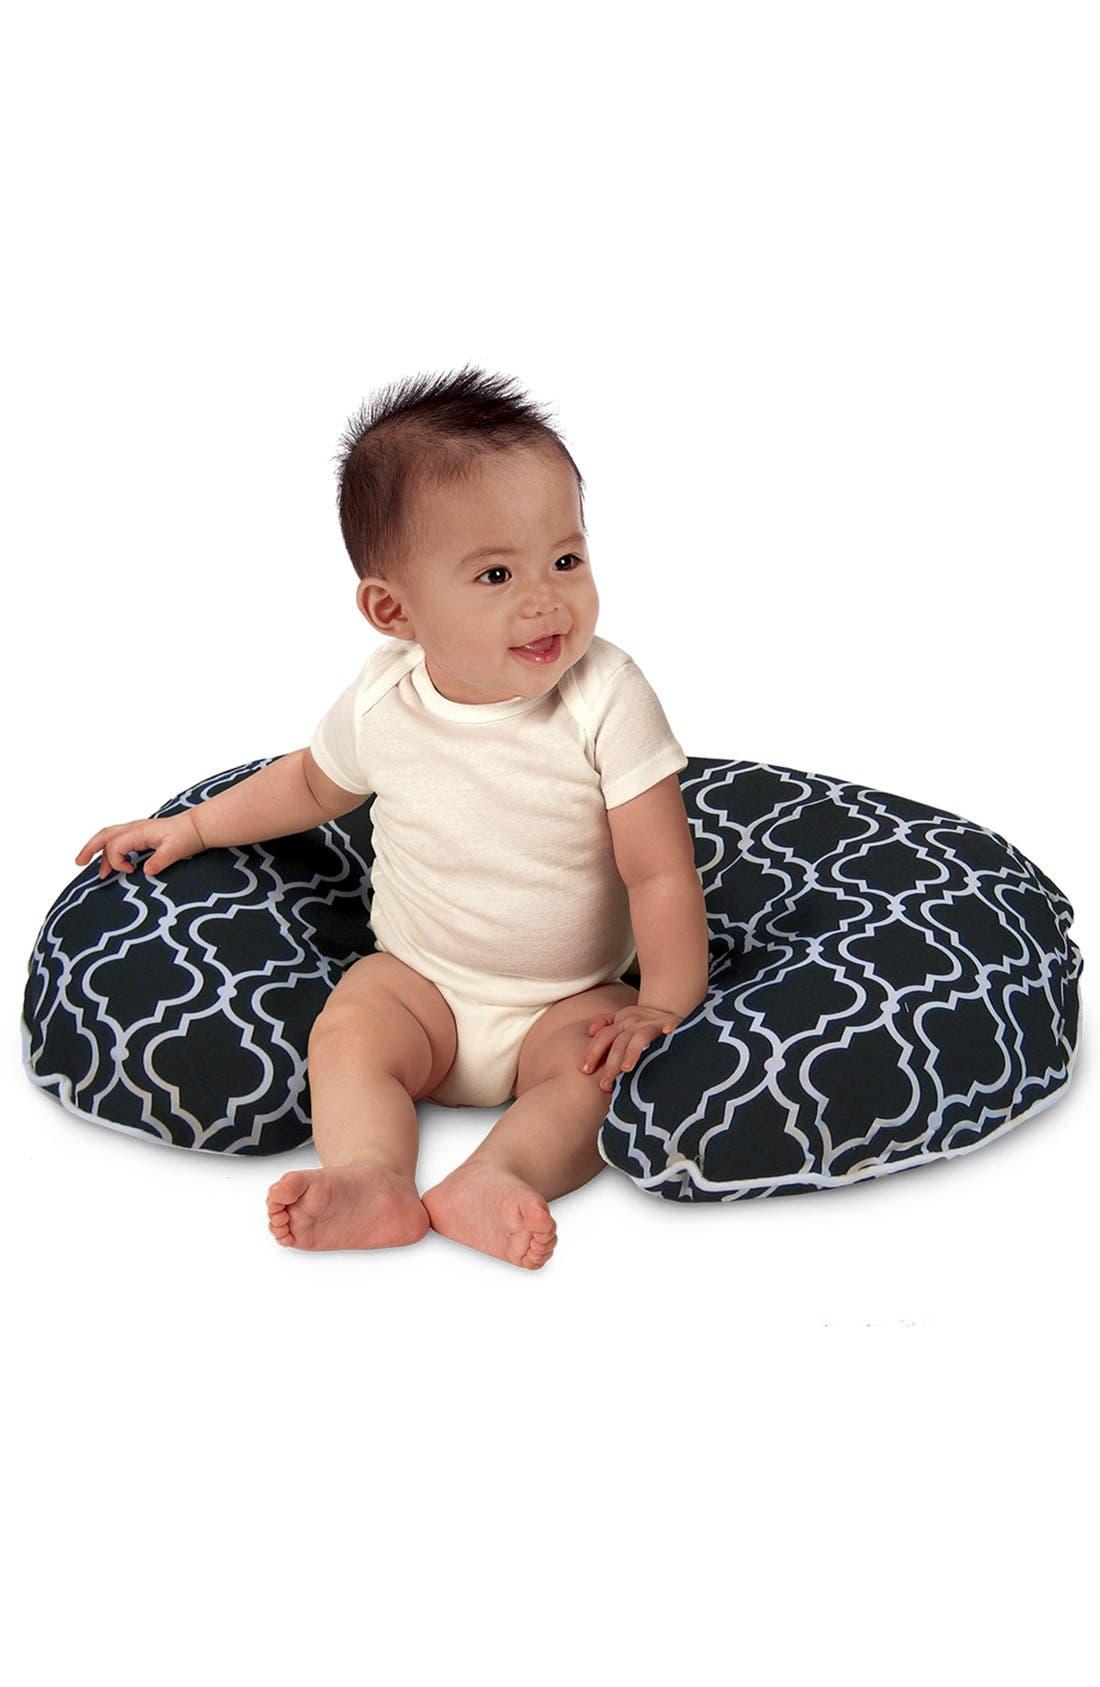 Main Image - Boppy 'Seville' Pillow & Slipcover